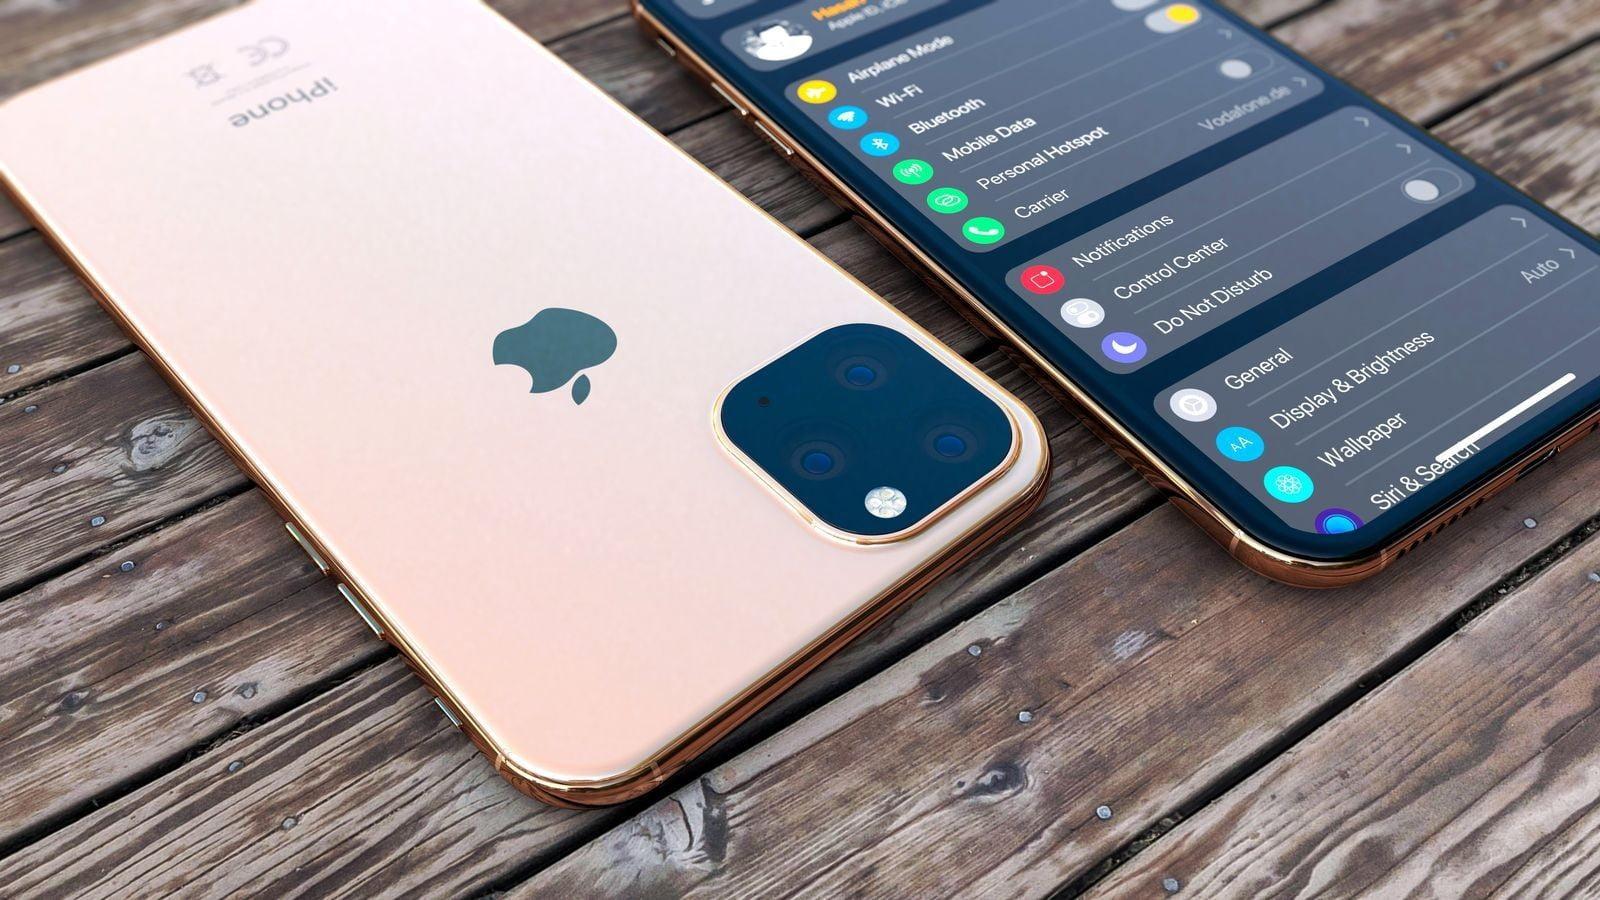 Rusaljones: Iphone 11 128gb Uae Price